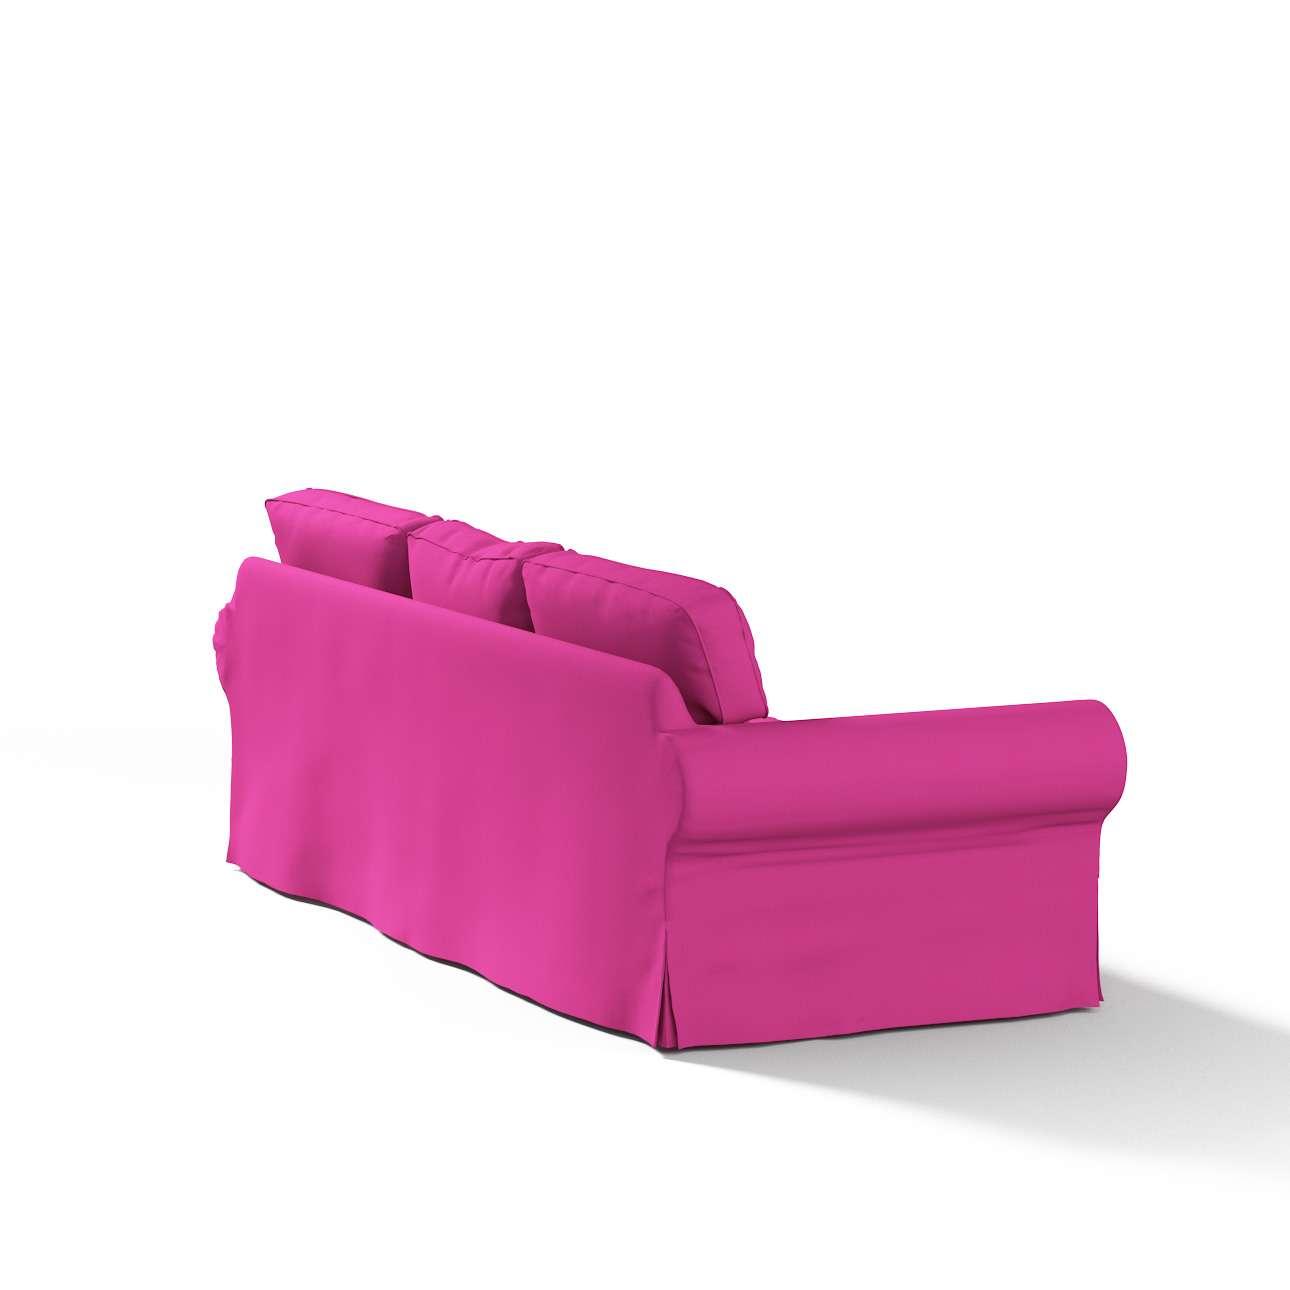 Ektorp 3-Sitzer Sofabezug nicht ausklappbar Sofabezug für  Ektorp 3-Sitzer nicht ausklappbar von der Kollektion Etna, Stoff: 705-23